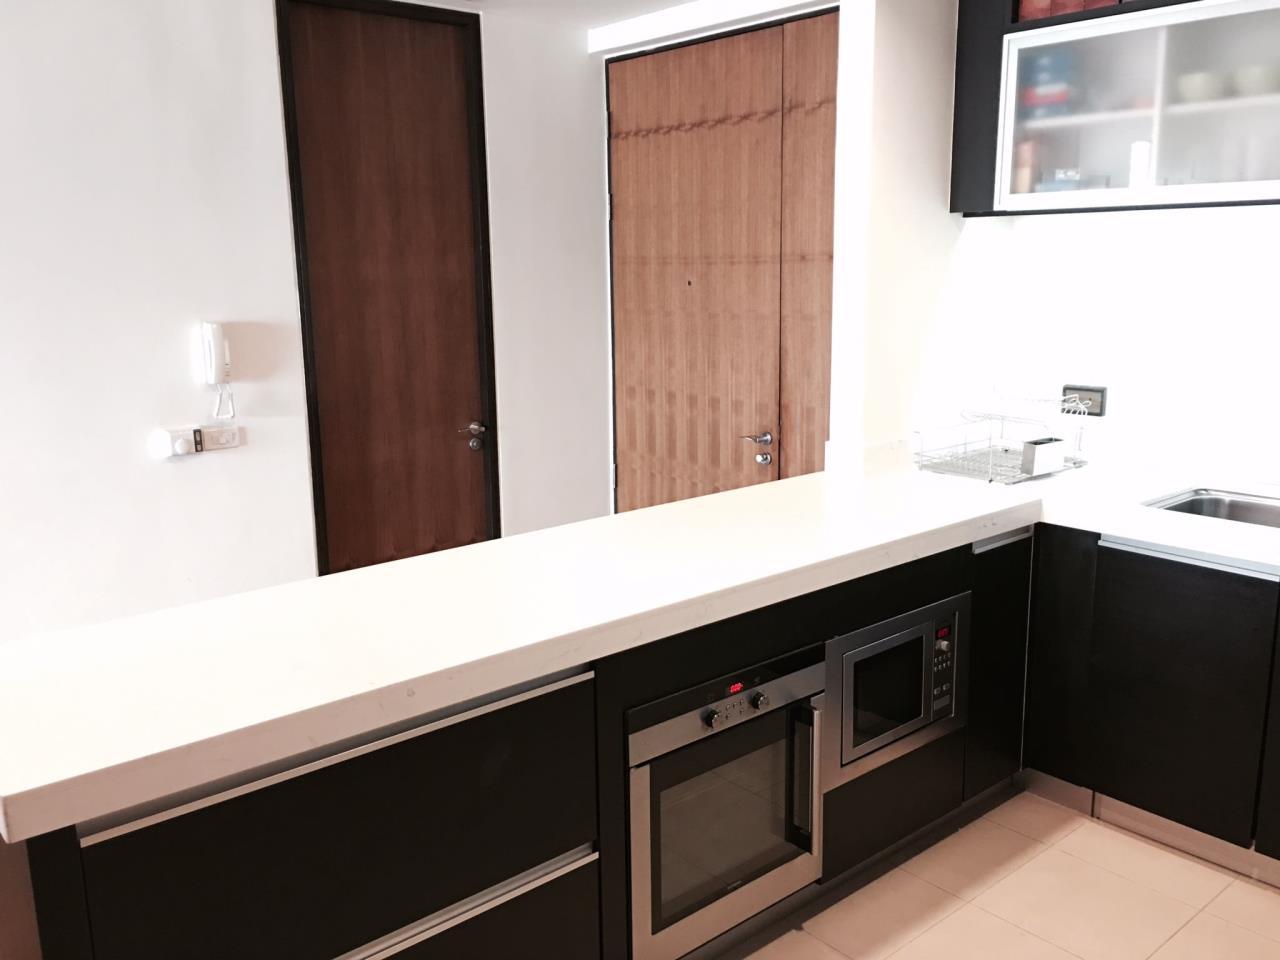 RE/MAX BestLife Agency's The Lakes, 2 Bedroom, 90K, 176SQM, High Floor, Asok 5